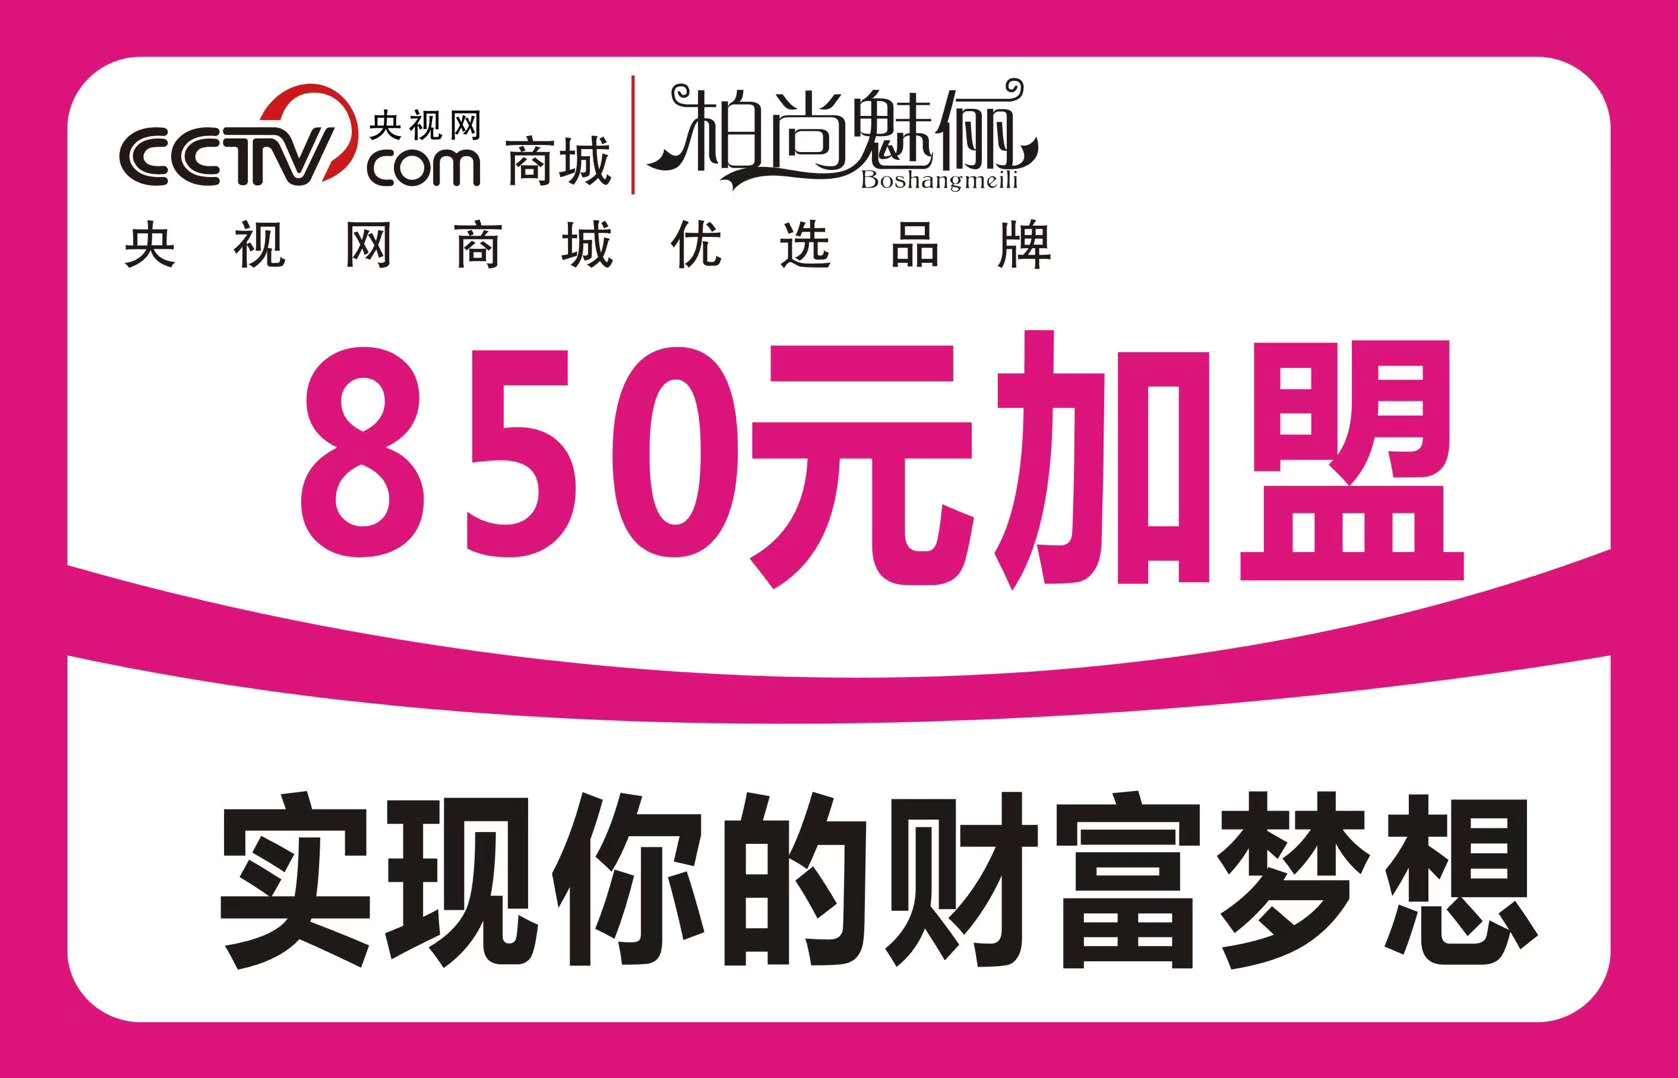 850元开启柏尚魅俪创业之梦